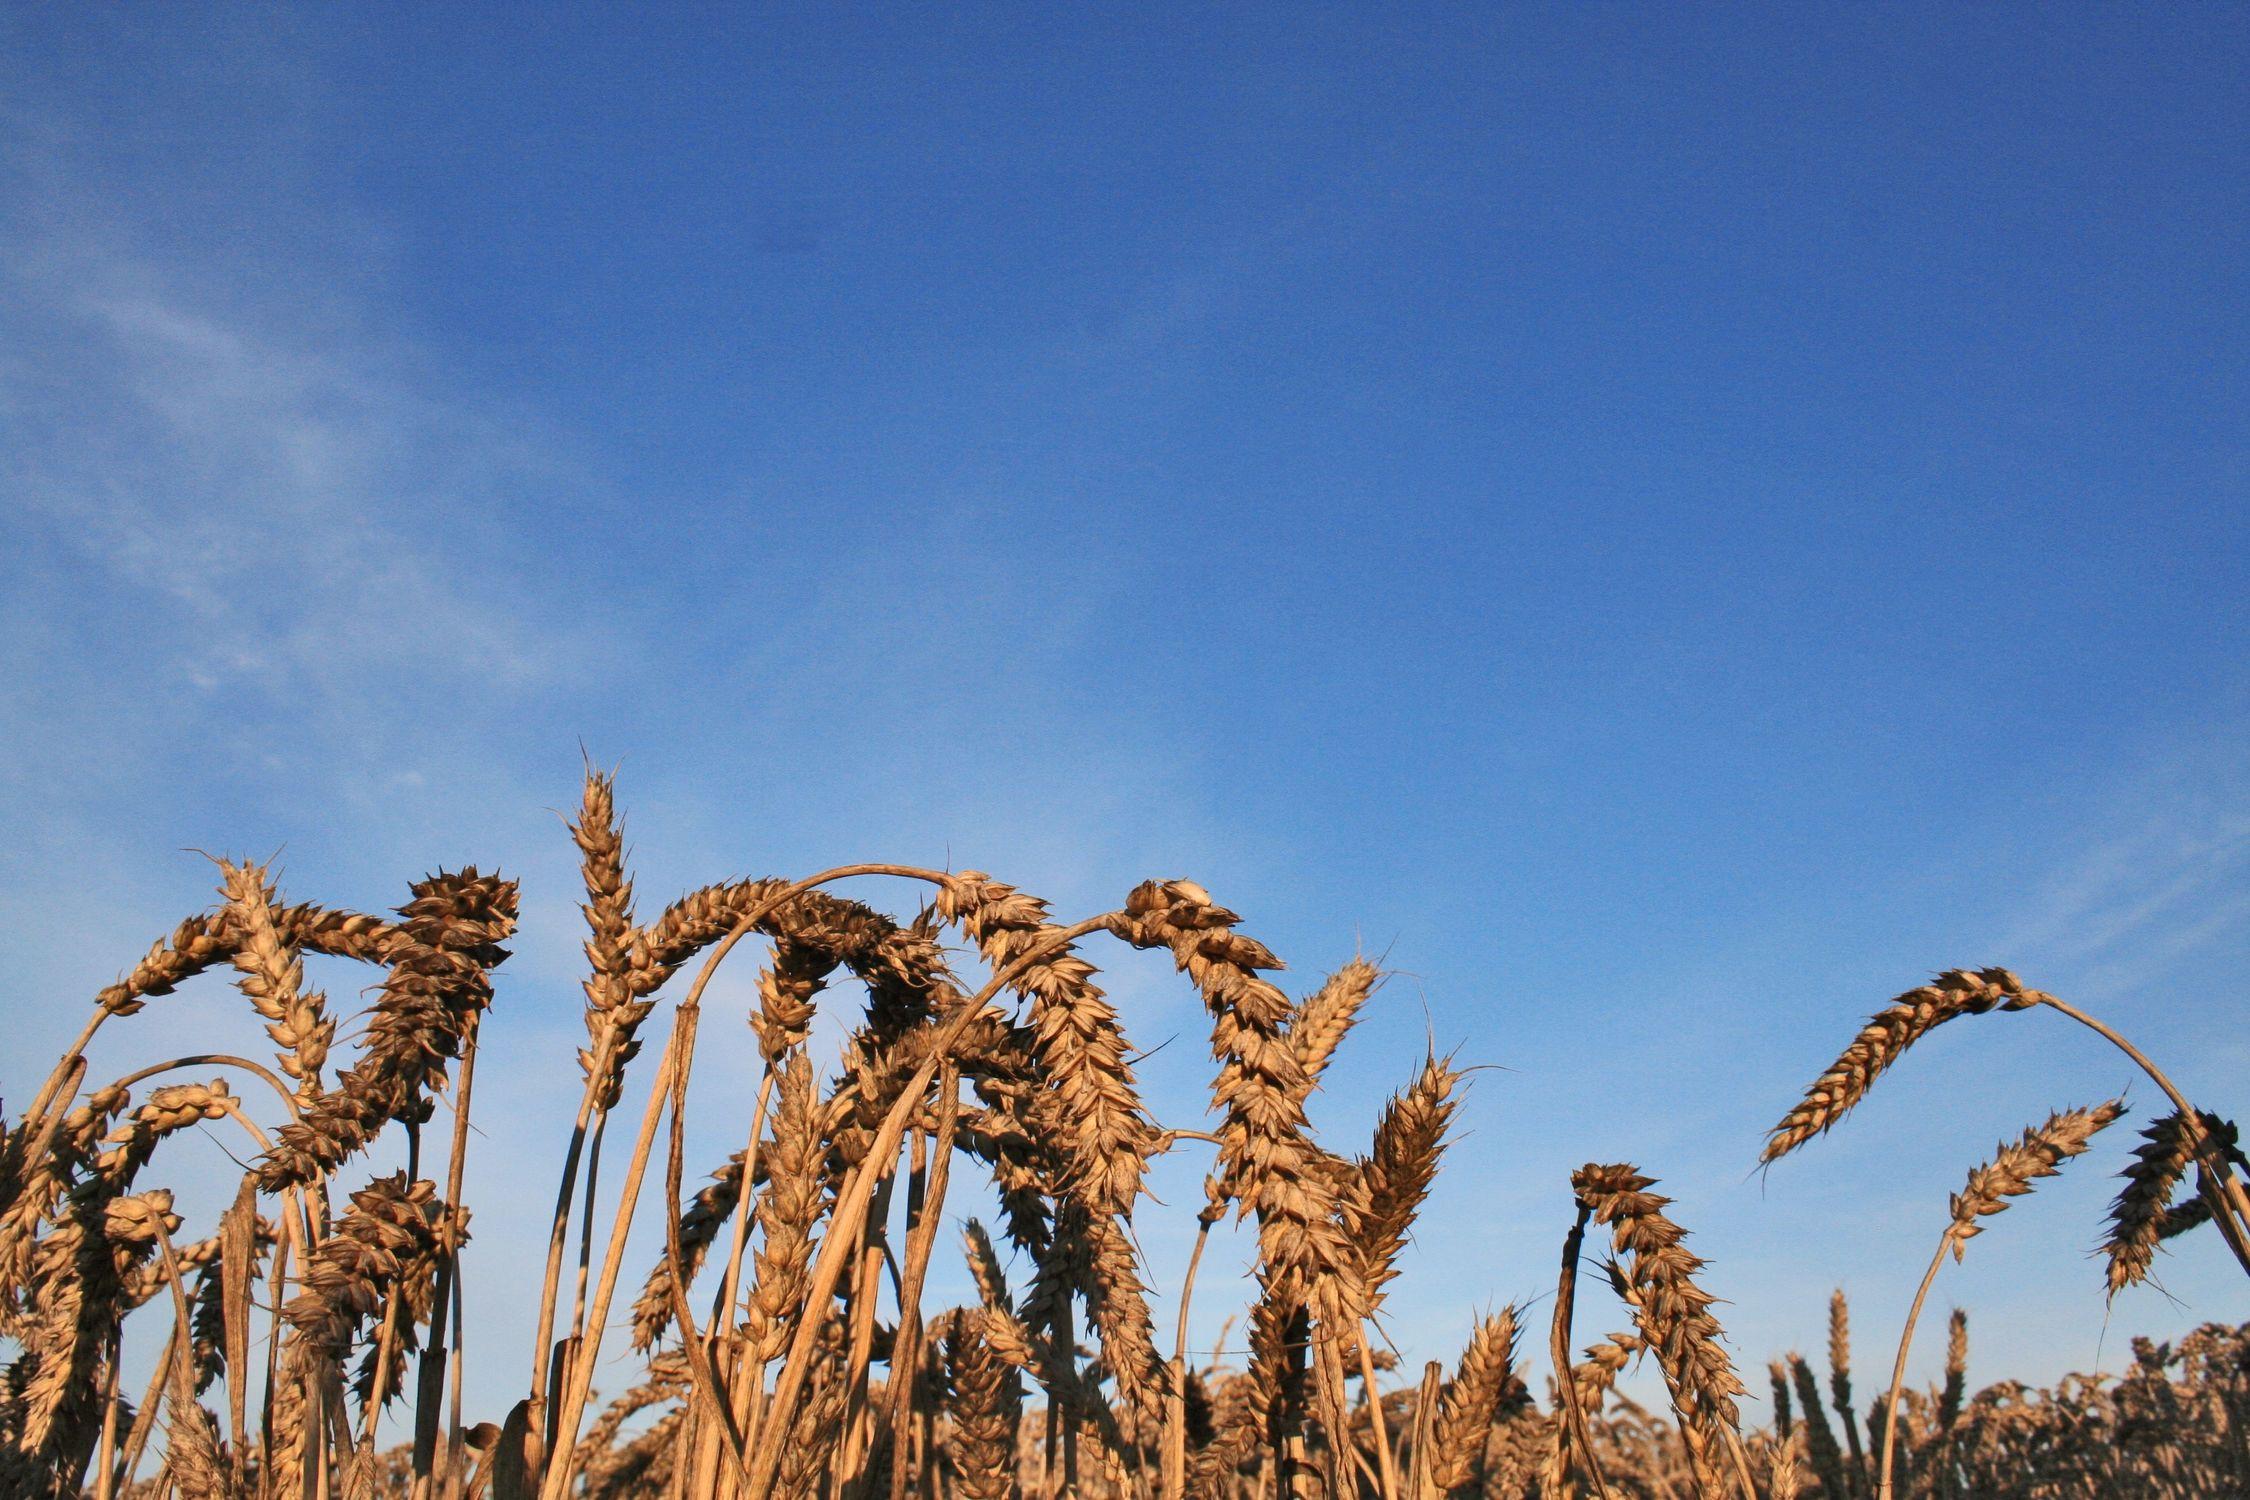 Bild mit Natur, Pflanzen, Gräser, Getreide, Feld, Felder, landwirtschaft, Korn, Weizen